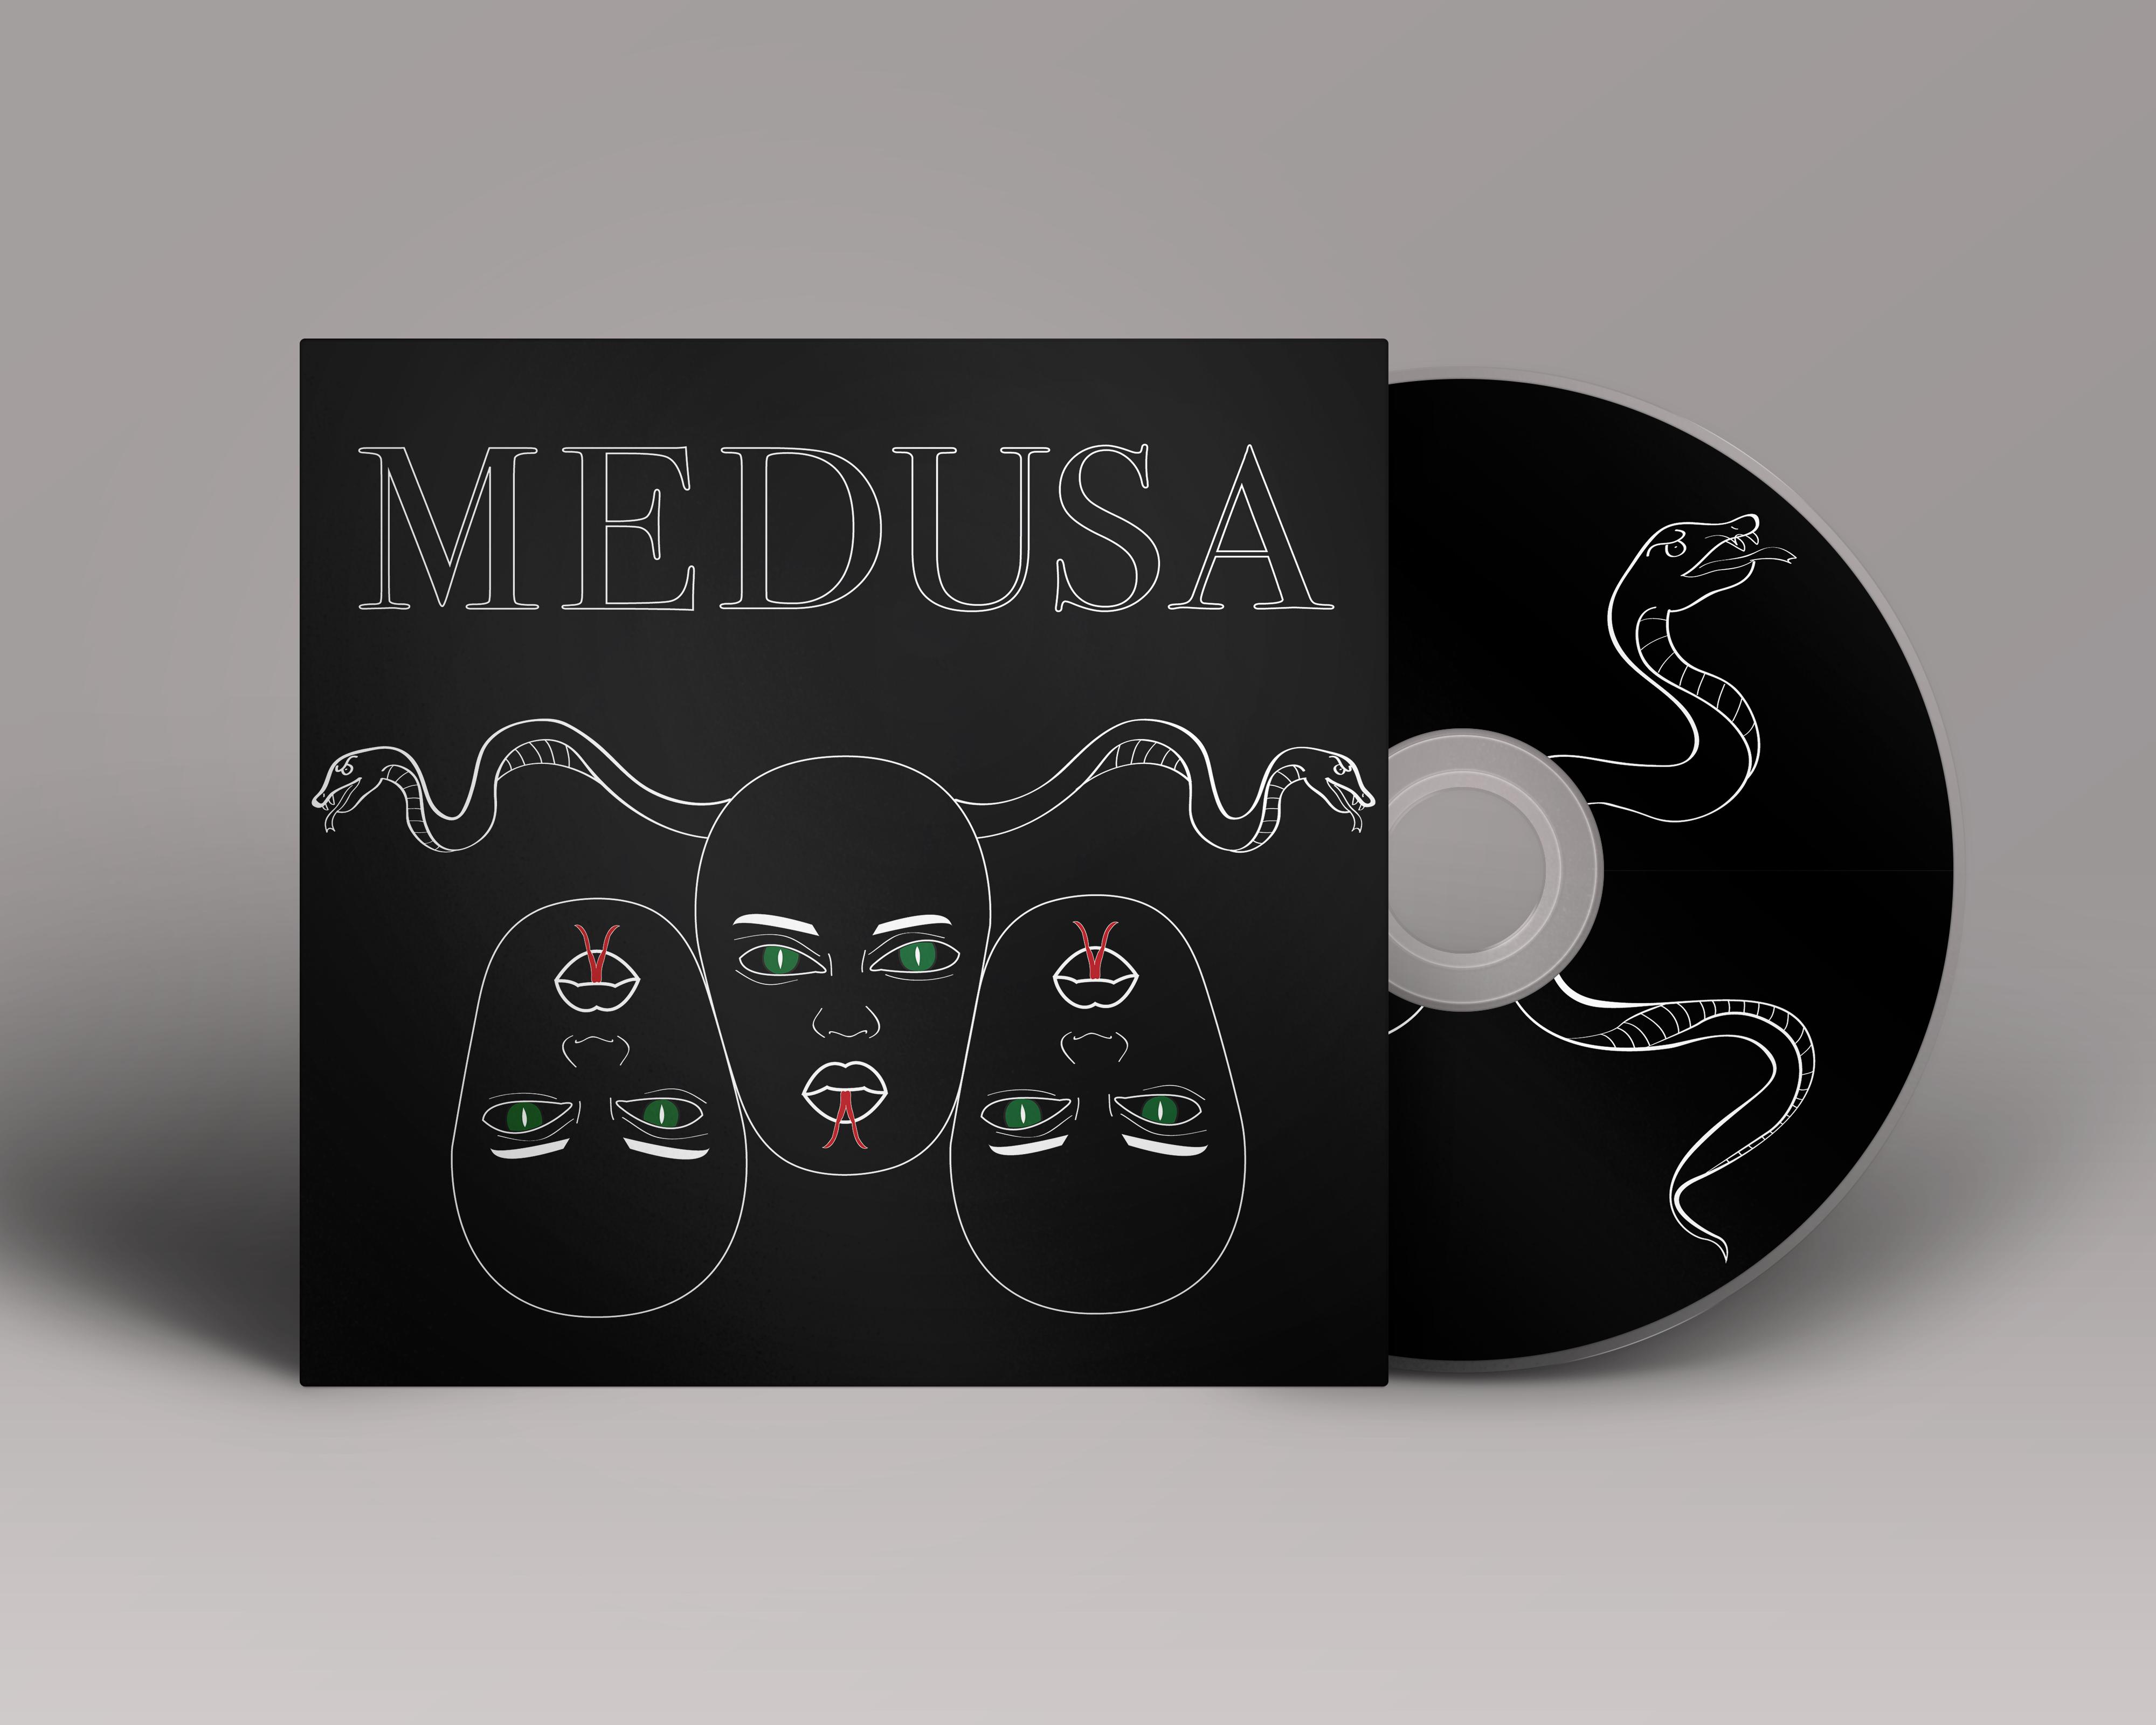 MUDUSA Cover Design